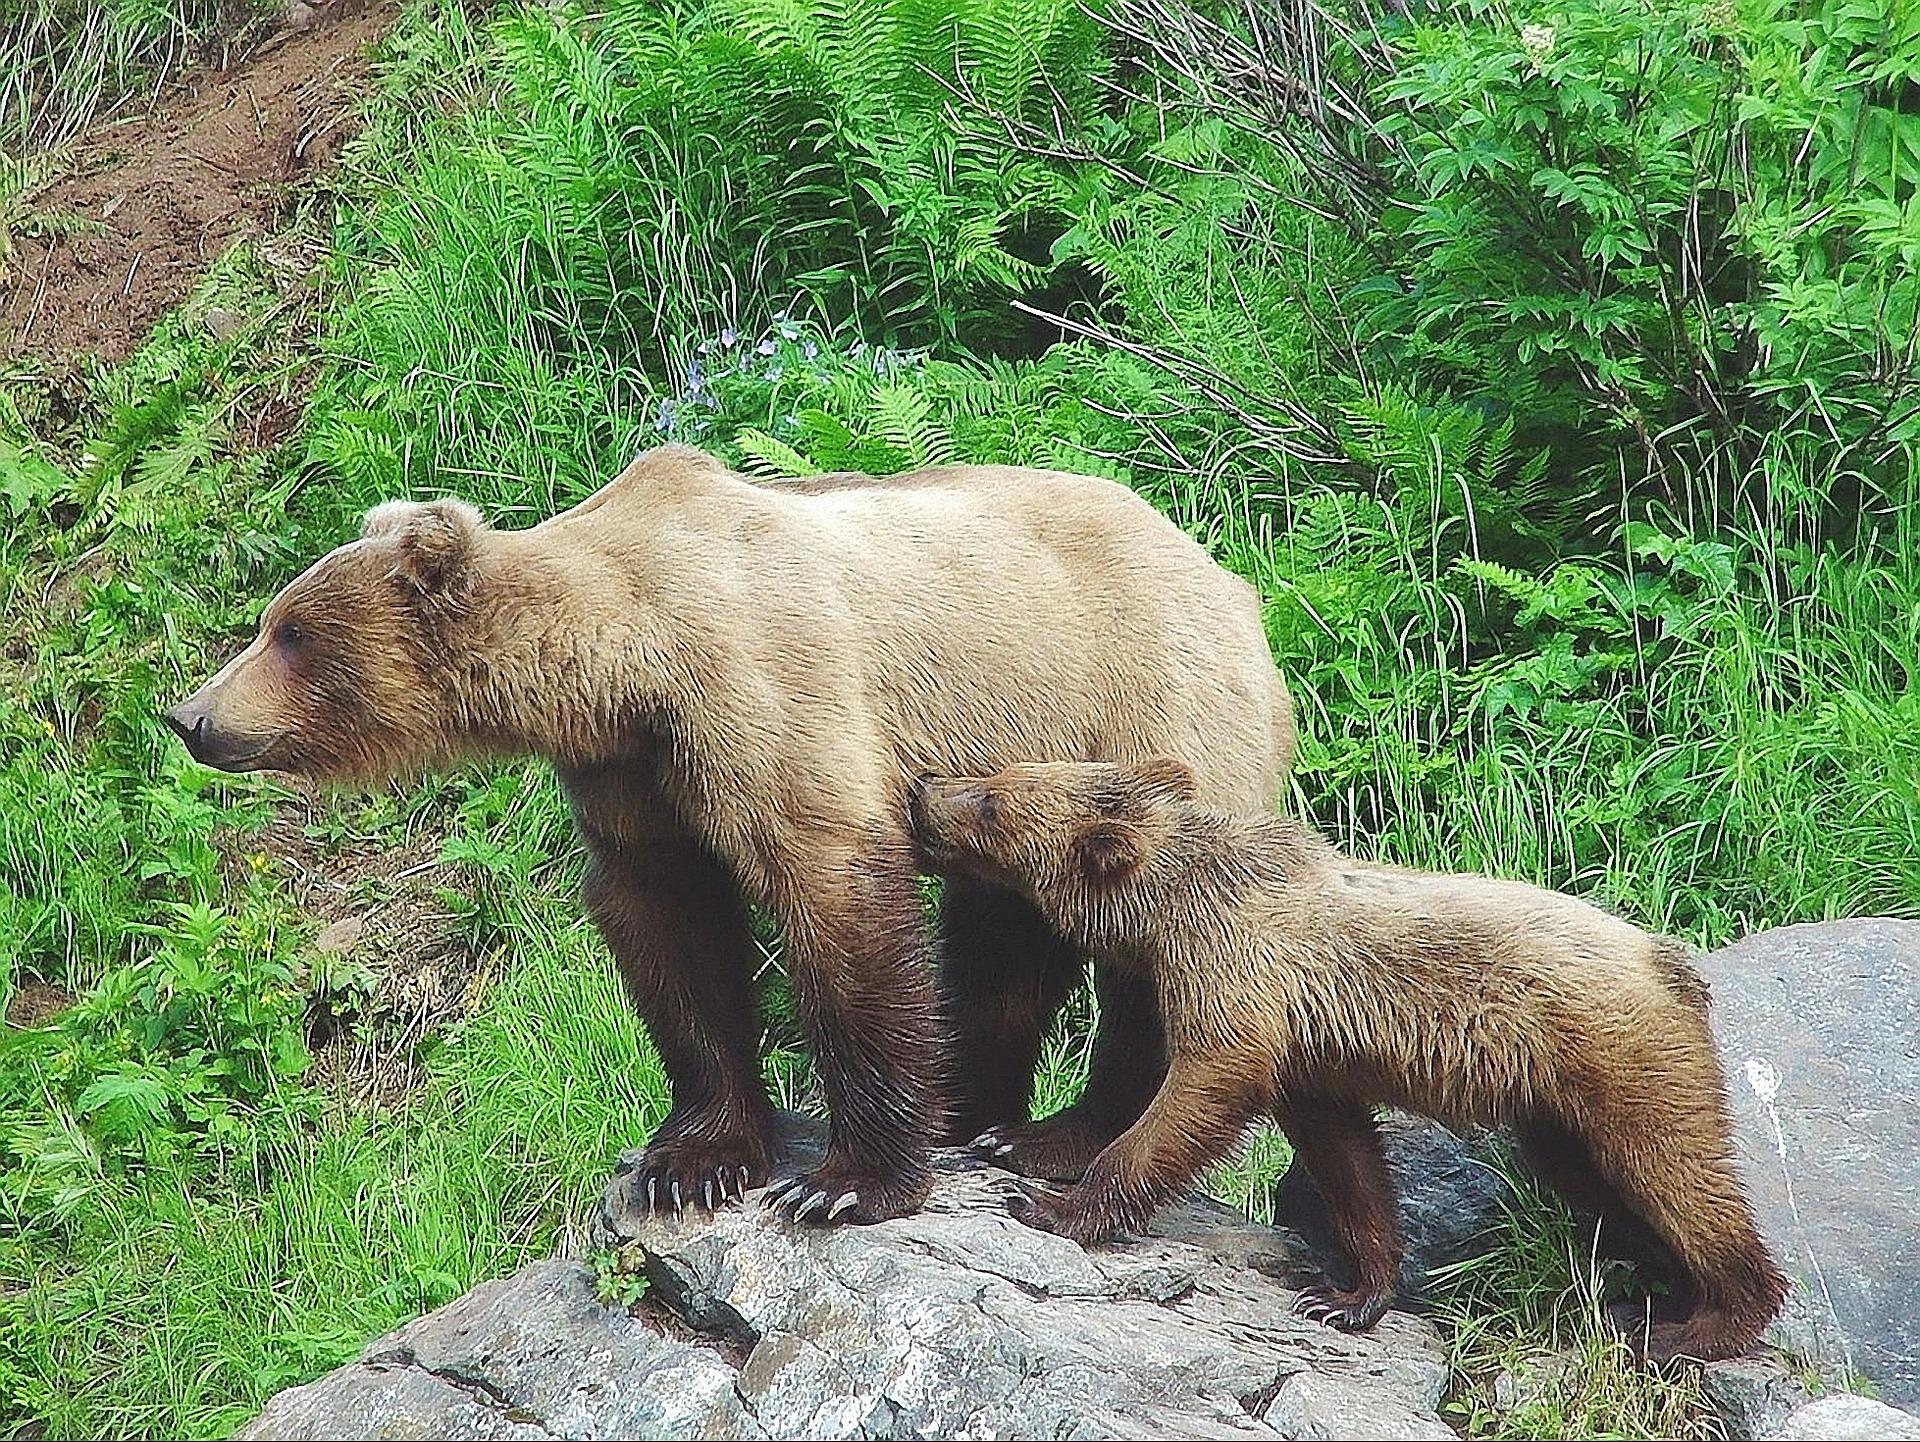 bear-623230_1920